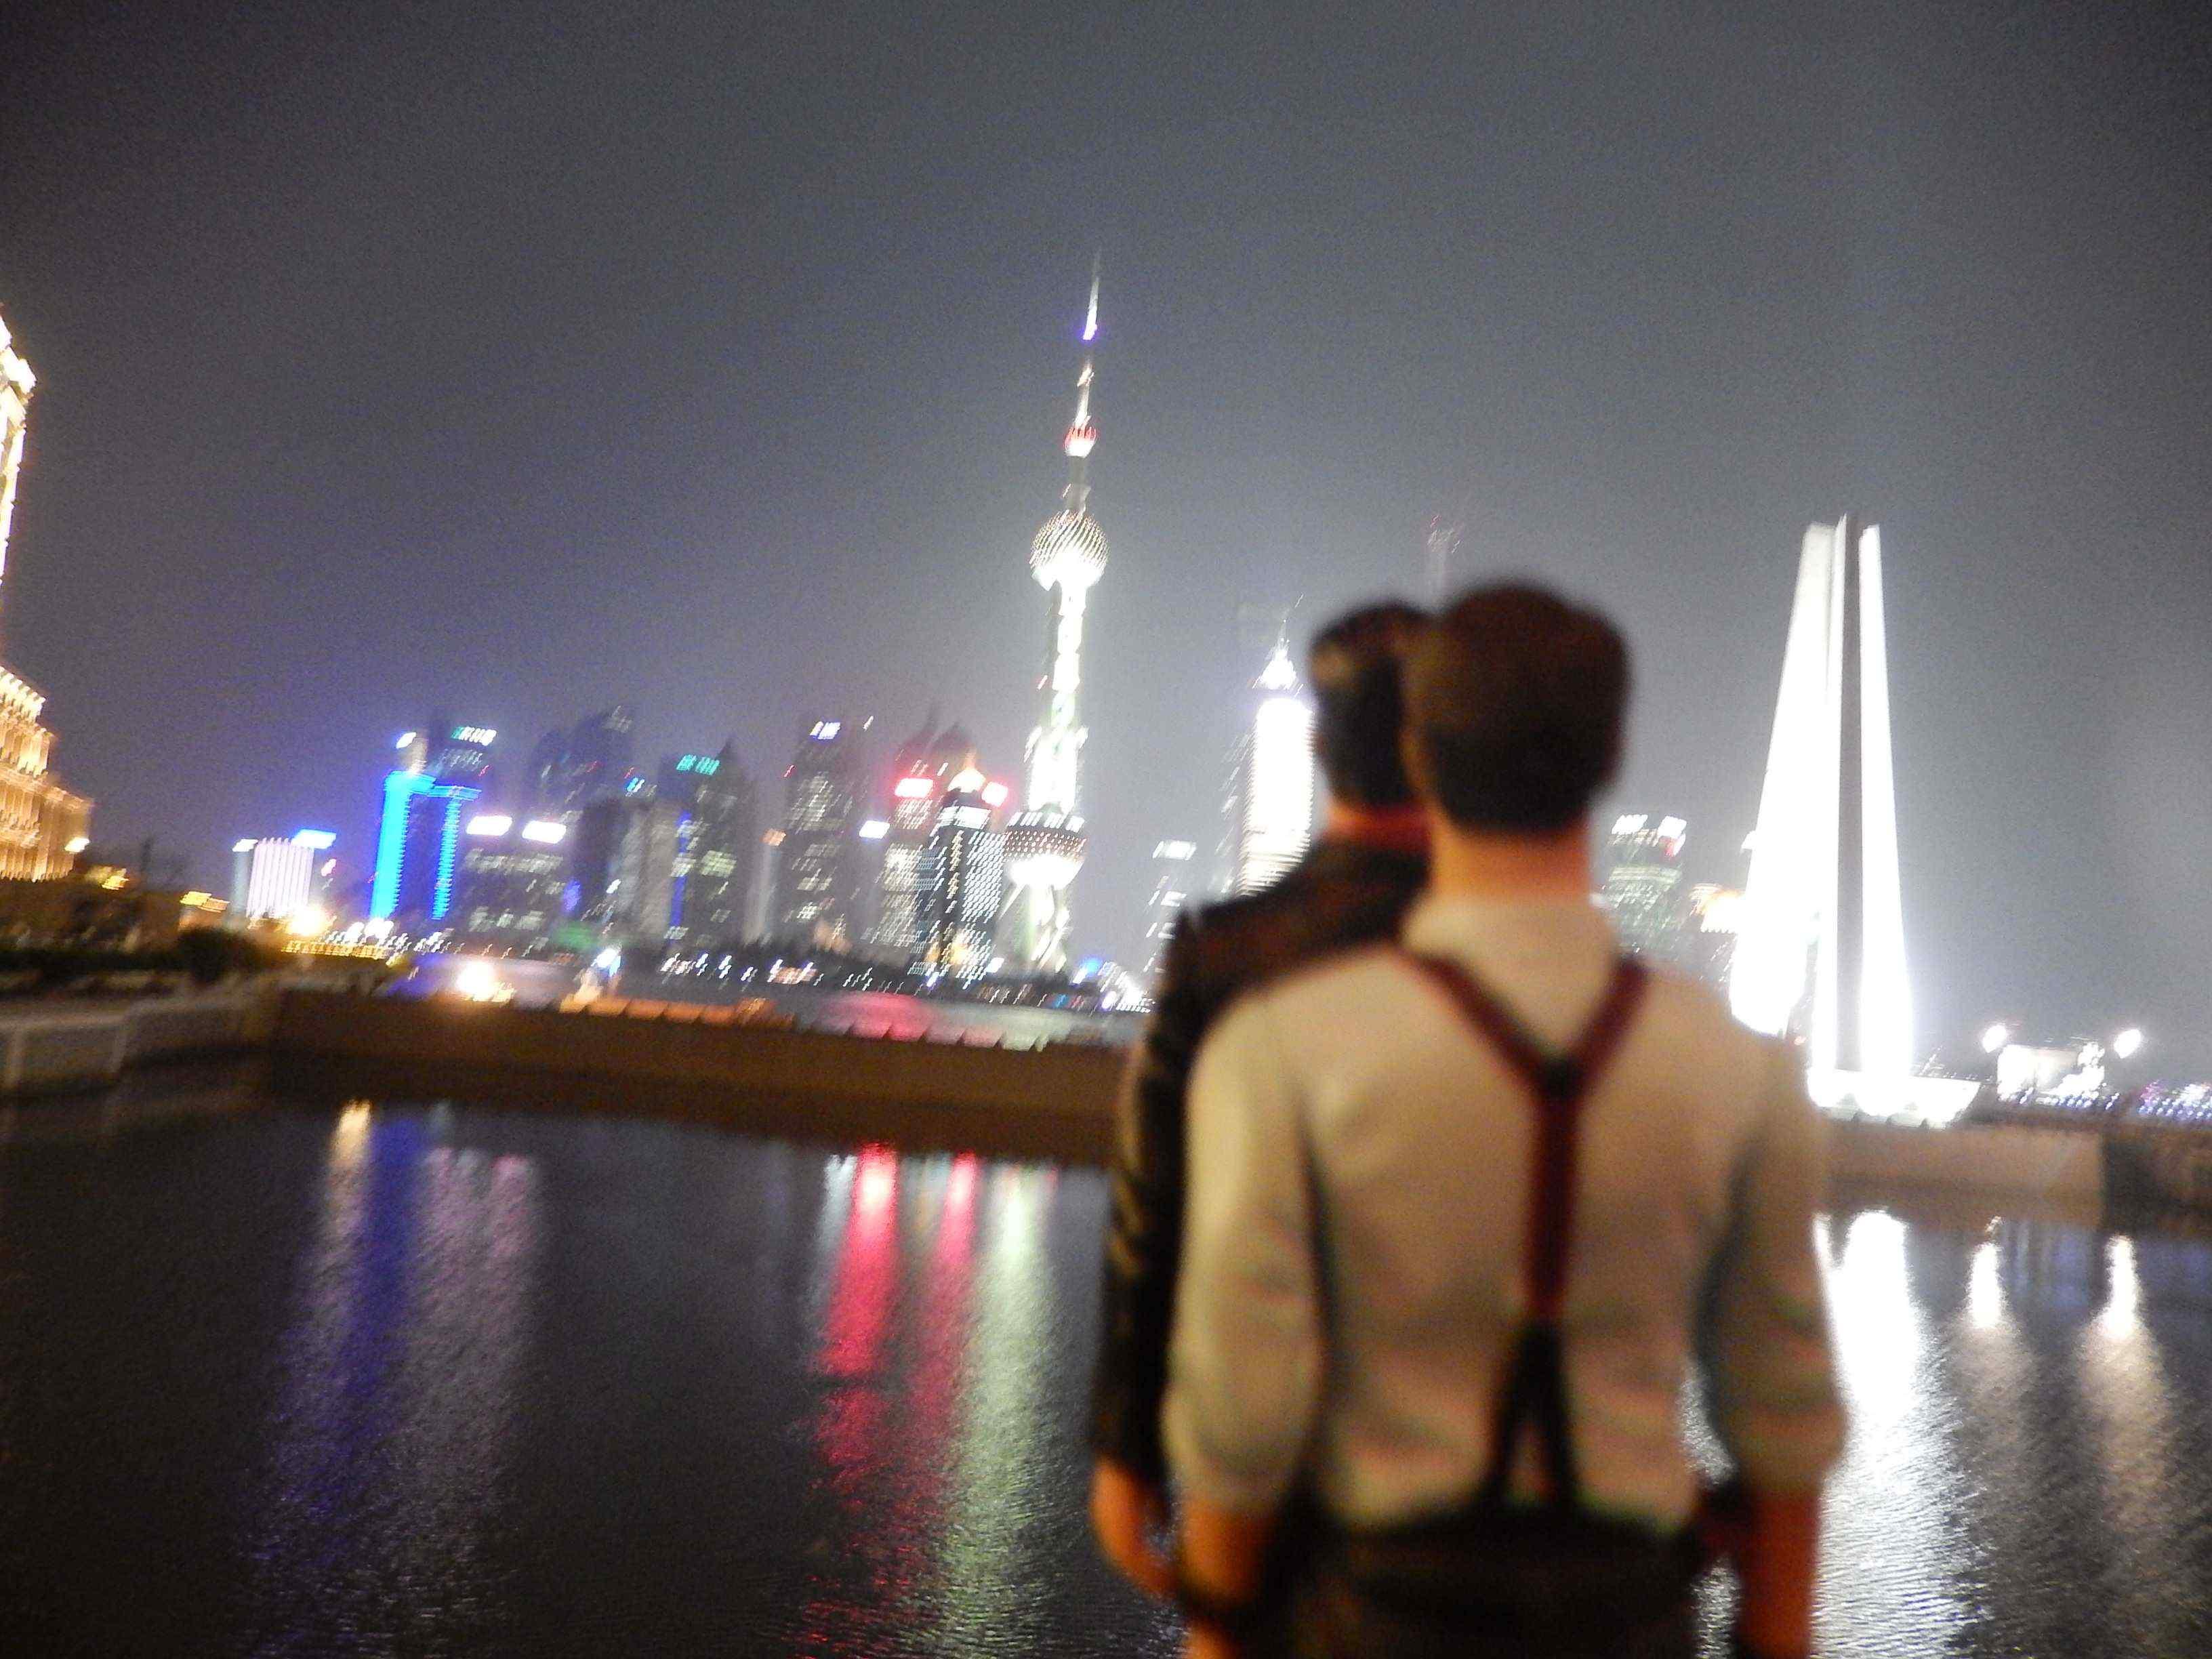 2013.06.18 - 01 - Shanghai